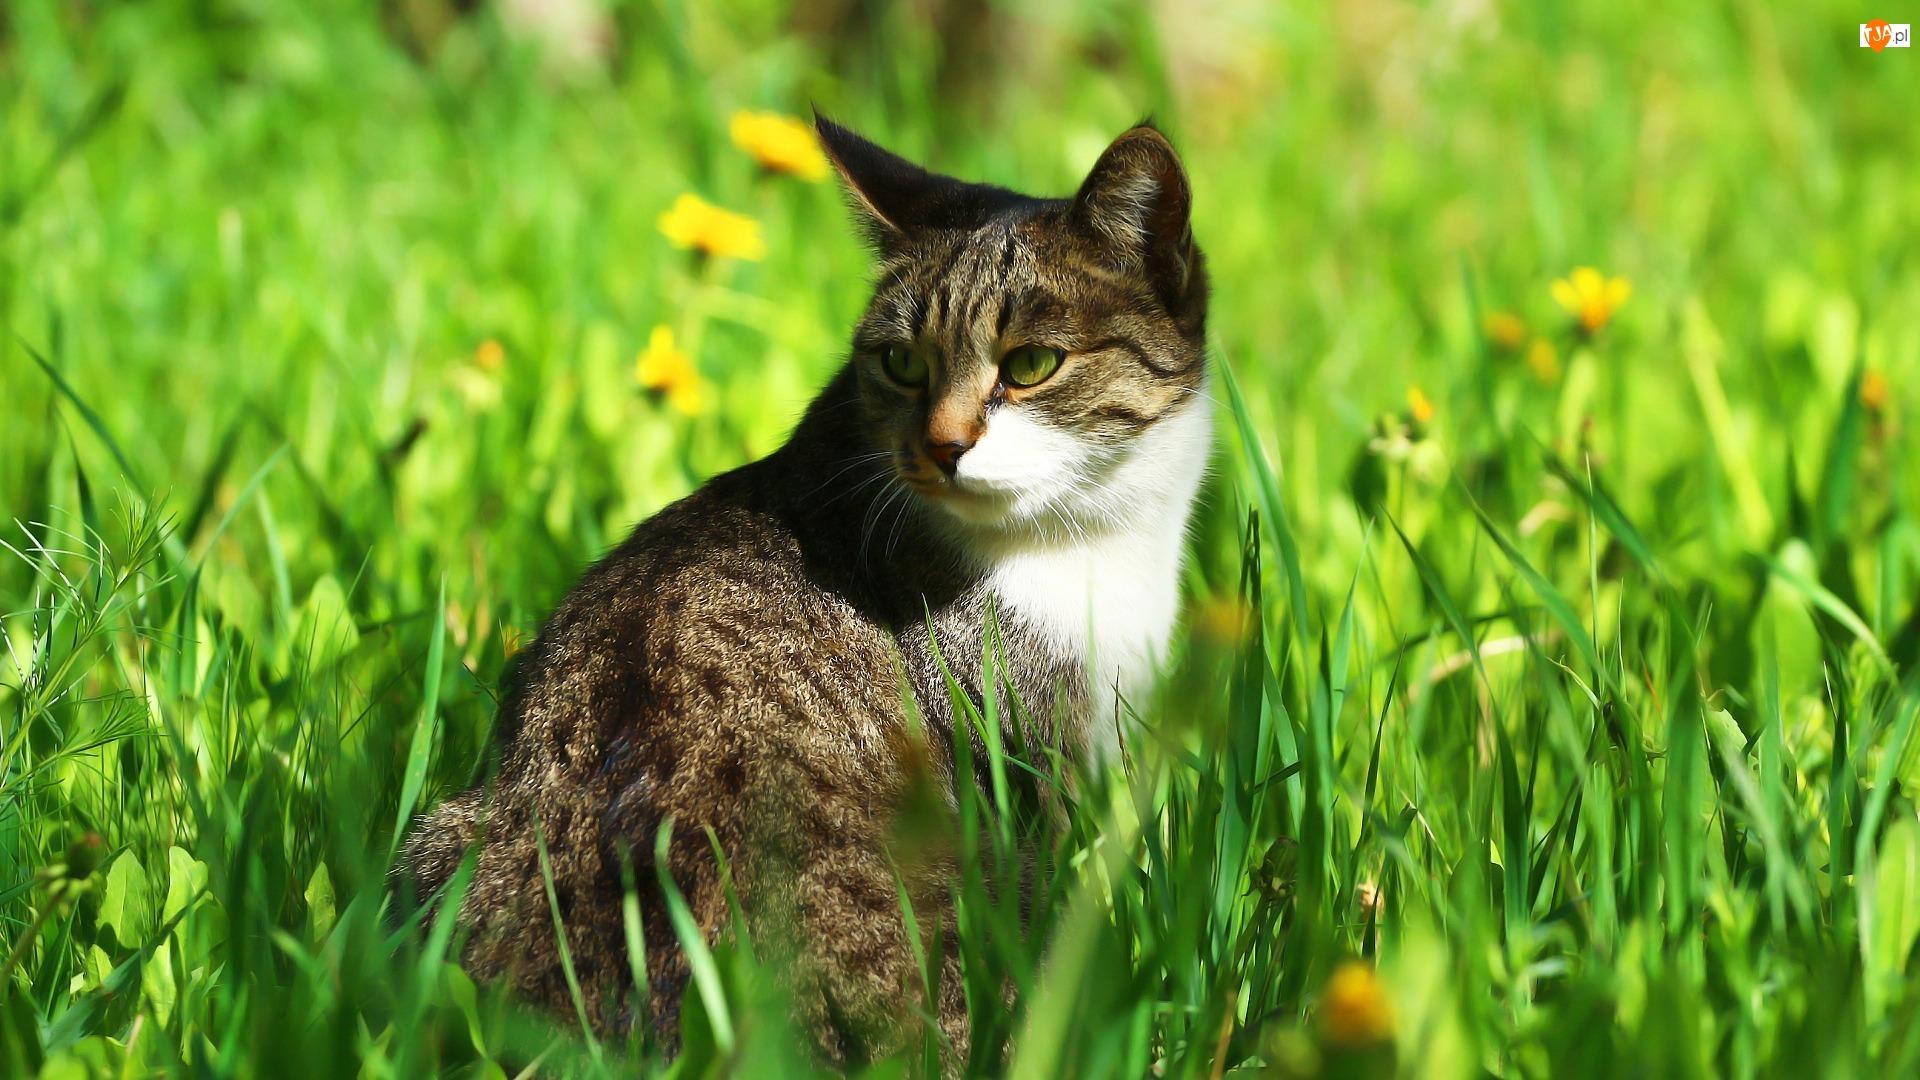 Kot, Zieleń, Trawa, Słońce